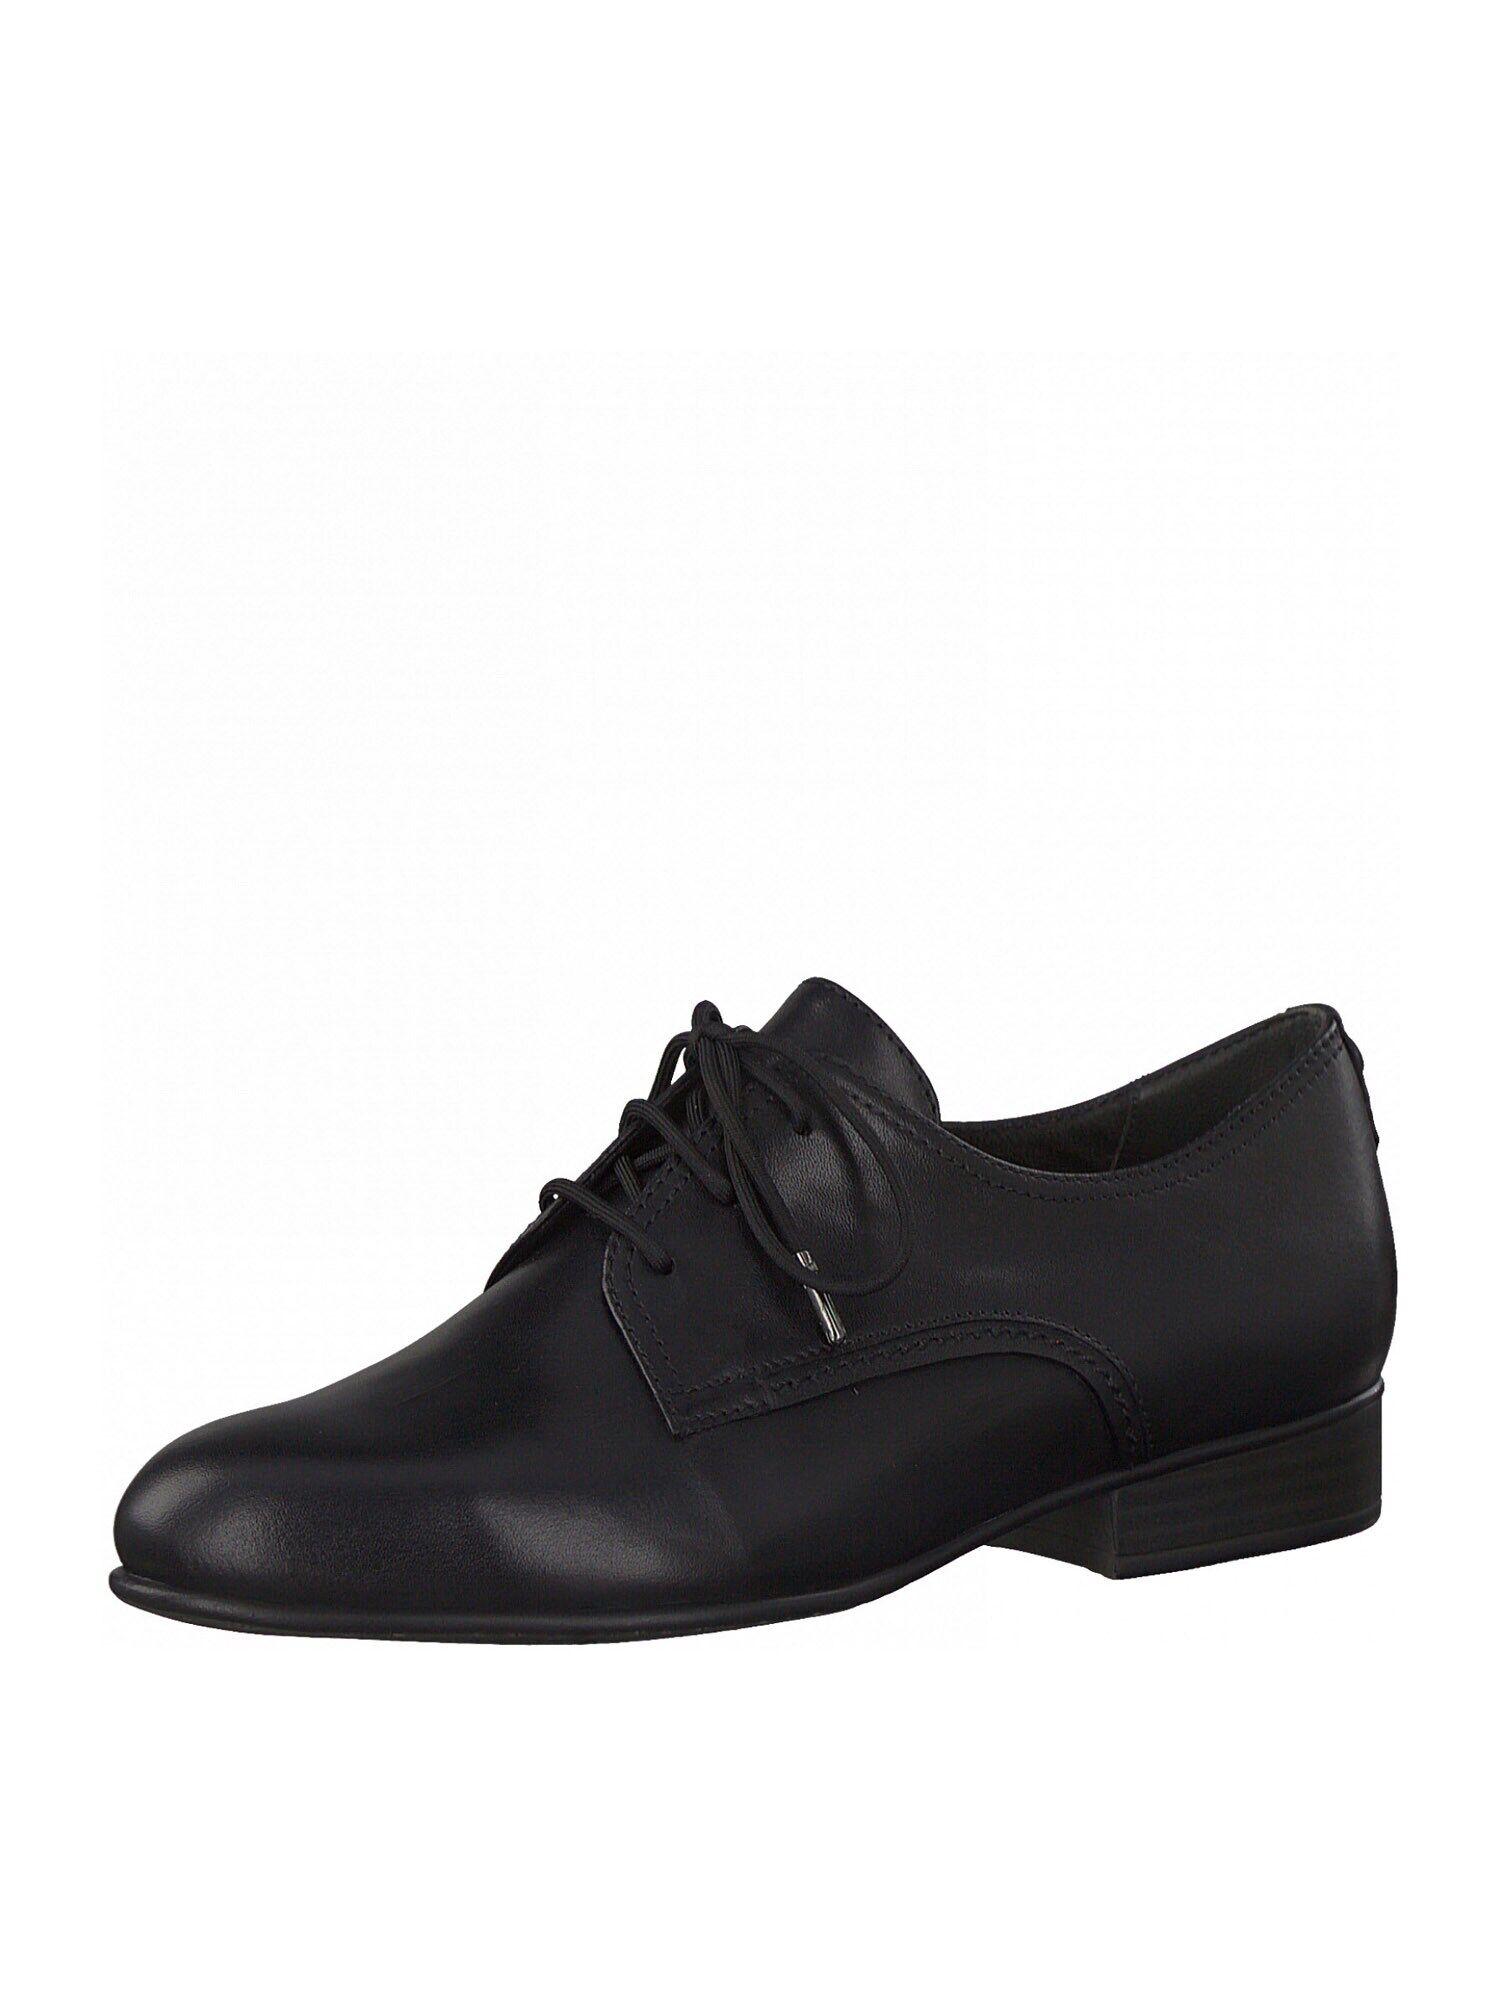 TAMARIS Chaussure à lacets  - Noir - Taille: 41 - female